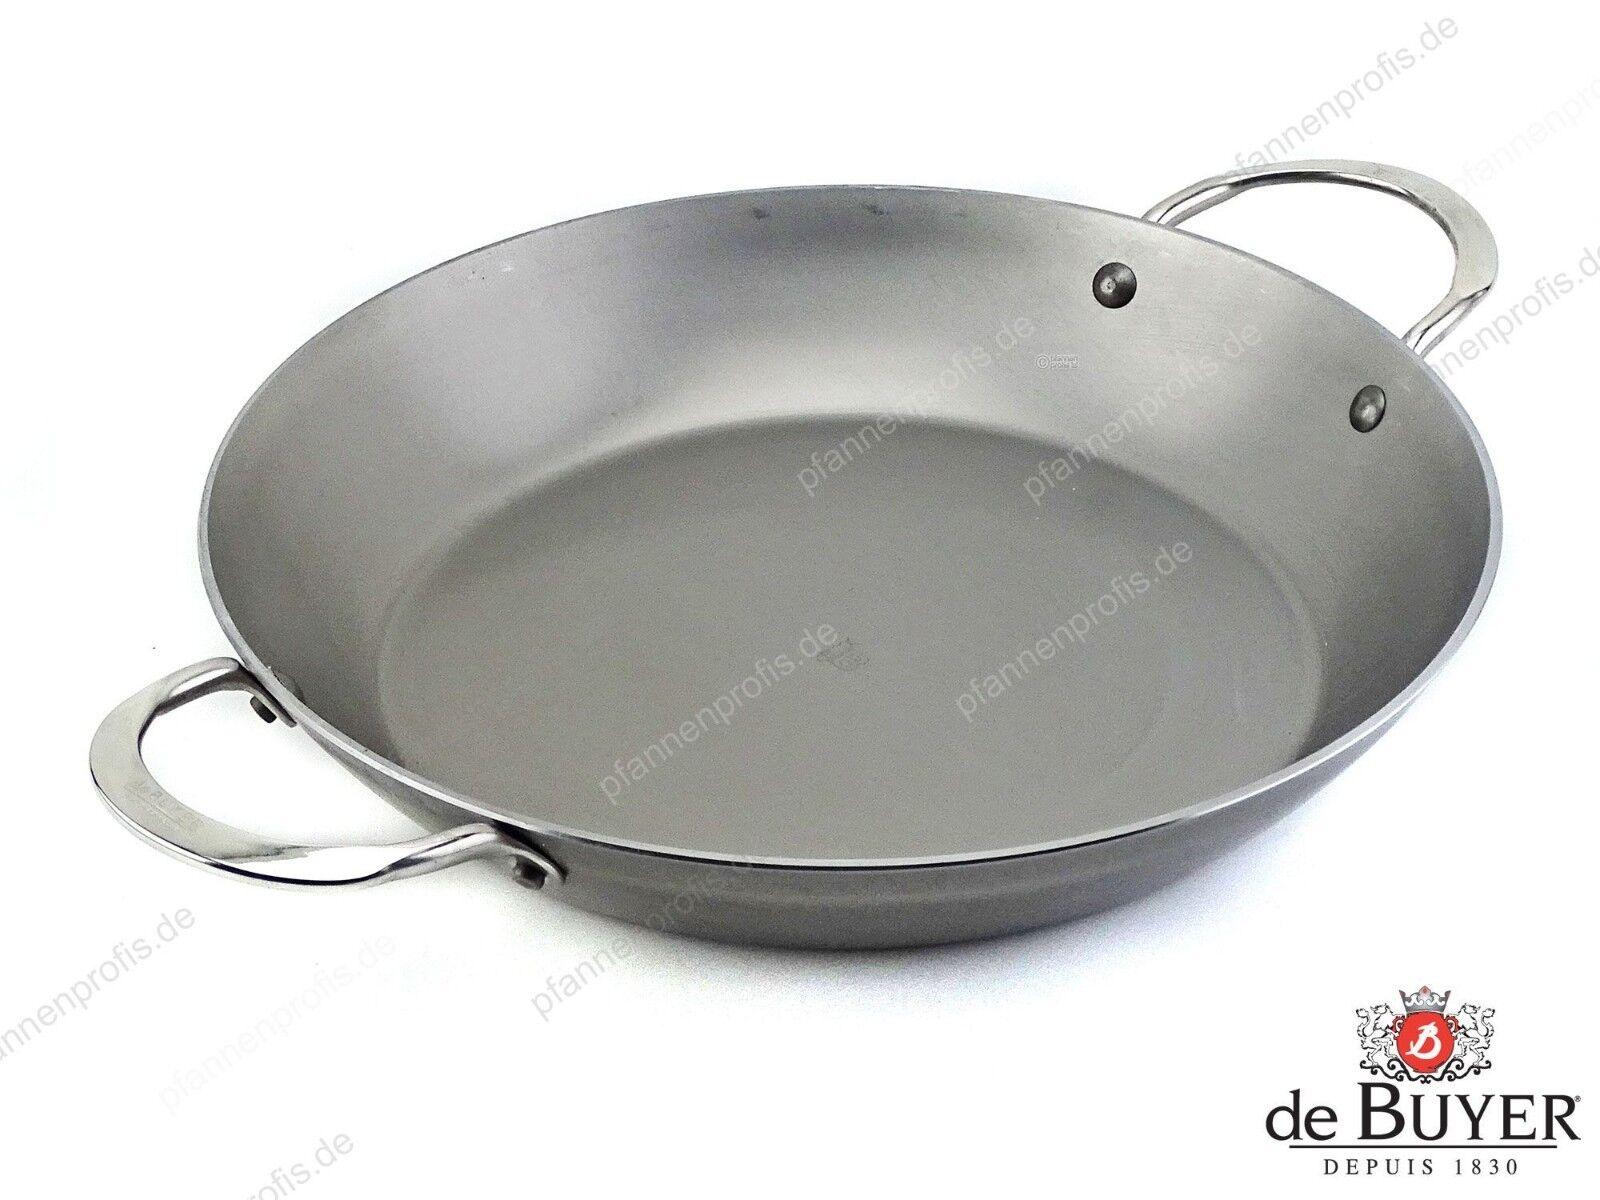 DE BUYER Servierpfanne Paella Pfanne Eisen-Pfanne MINERAL B ELEMENT 32 cm | Moderne und elegante Mode